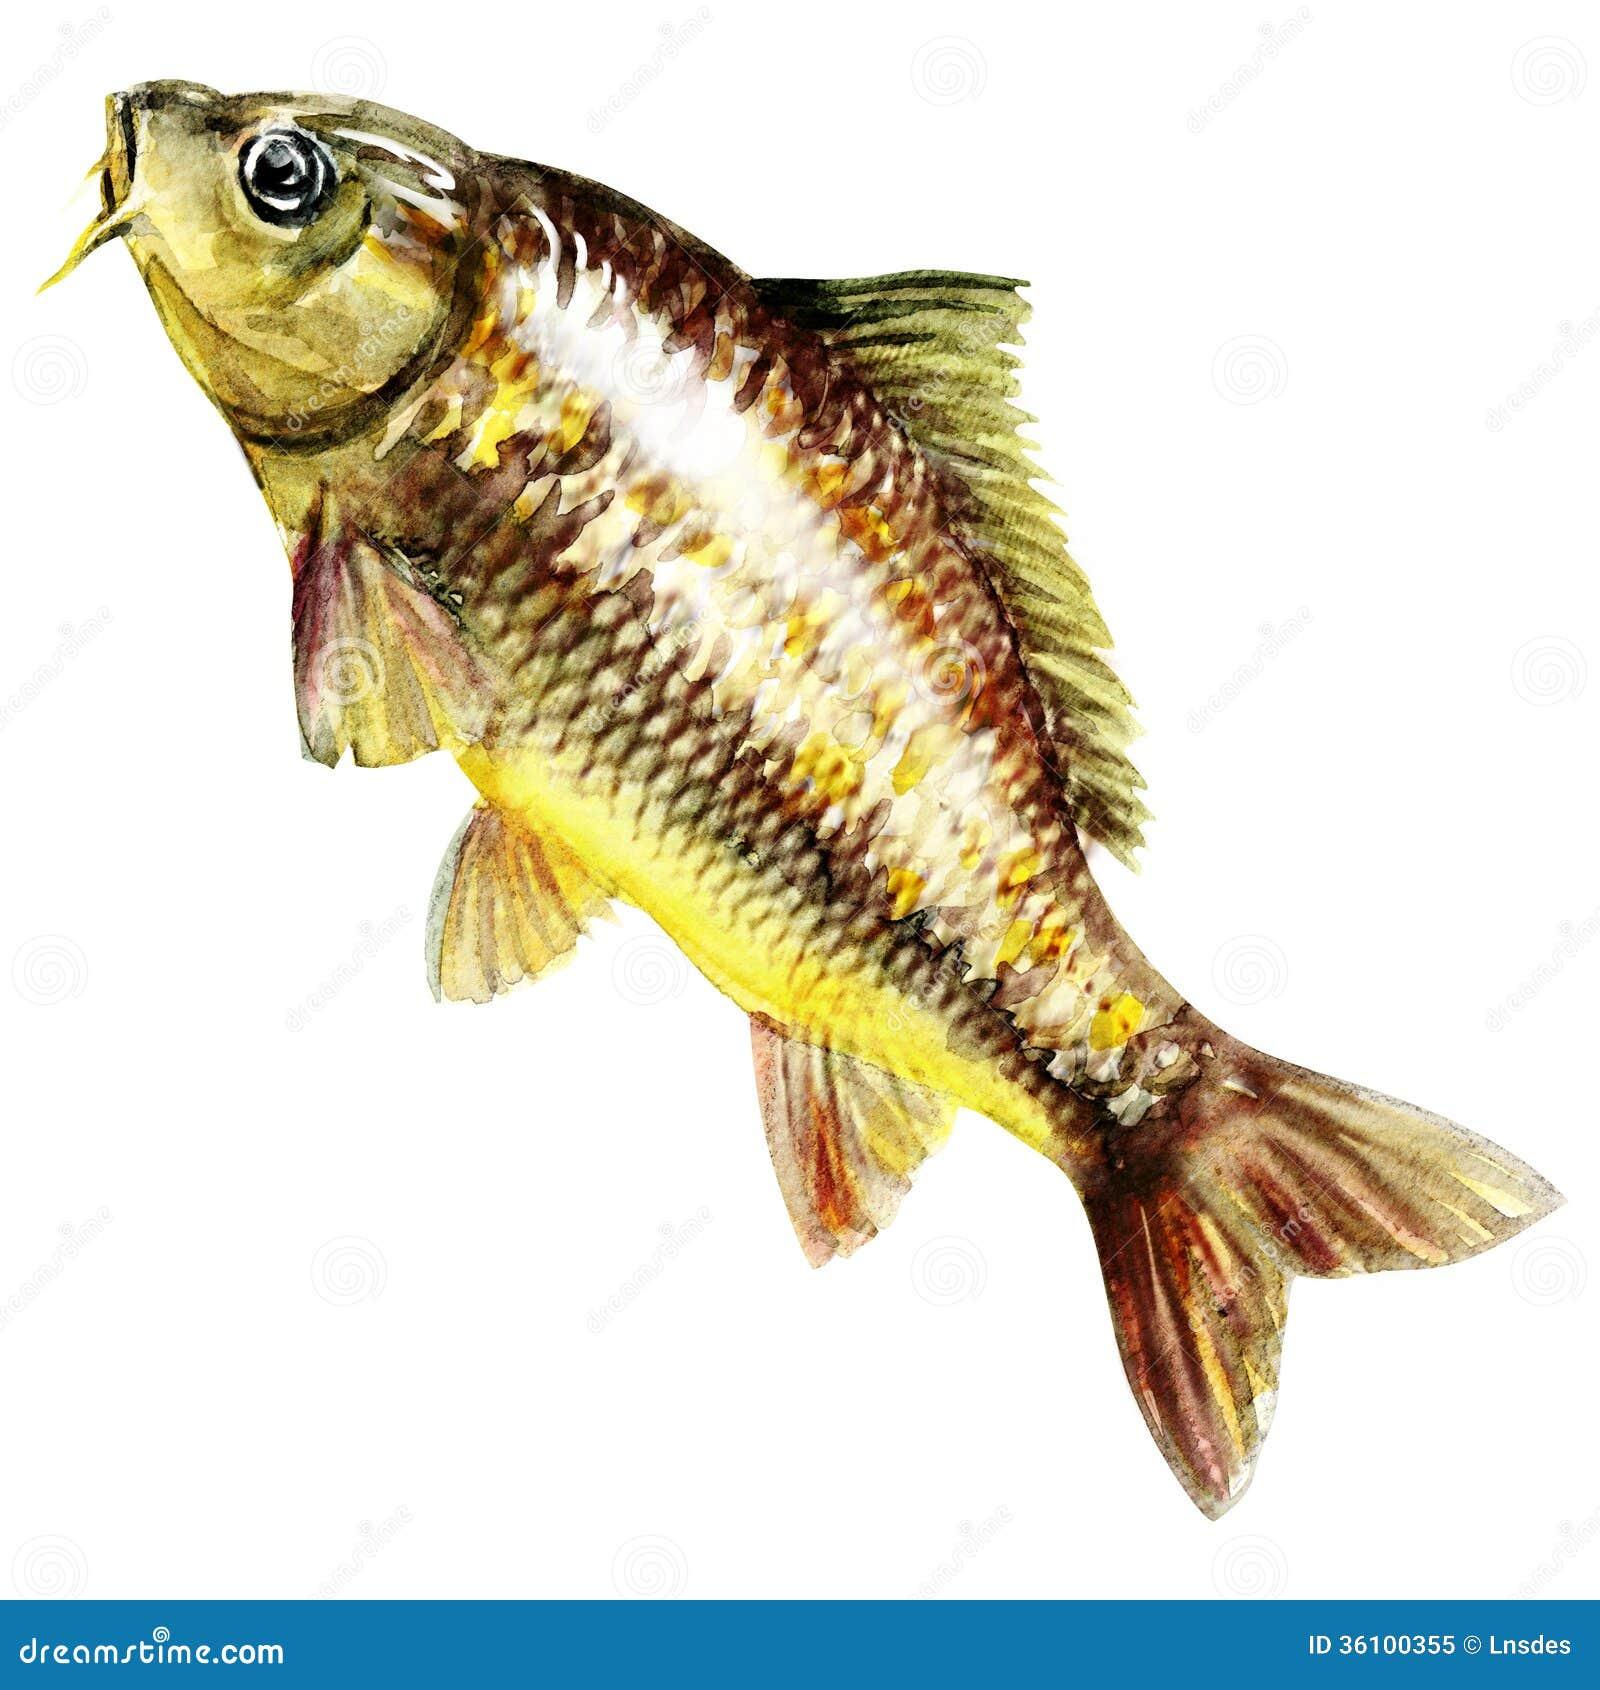 Karpfenfische. Aquarellmalerei